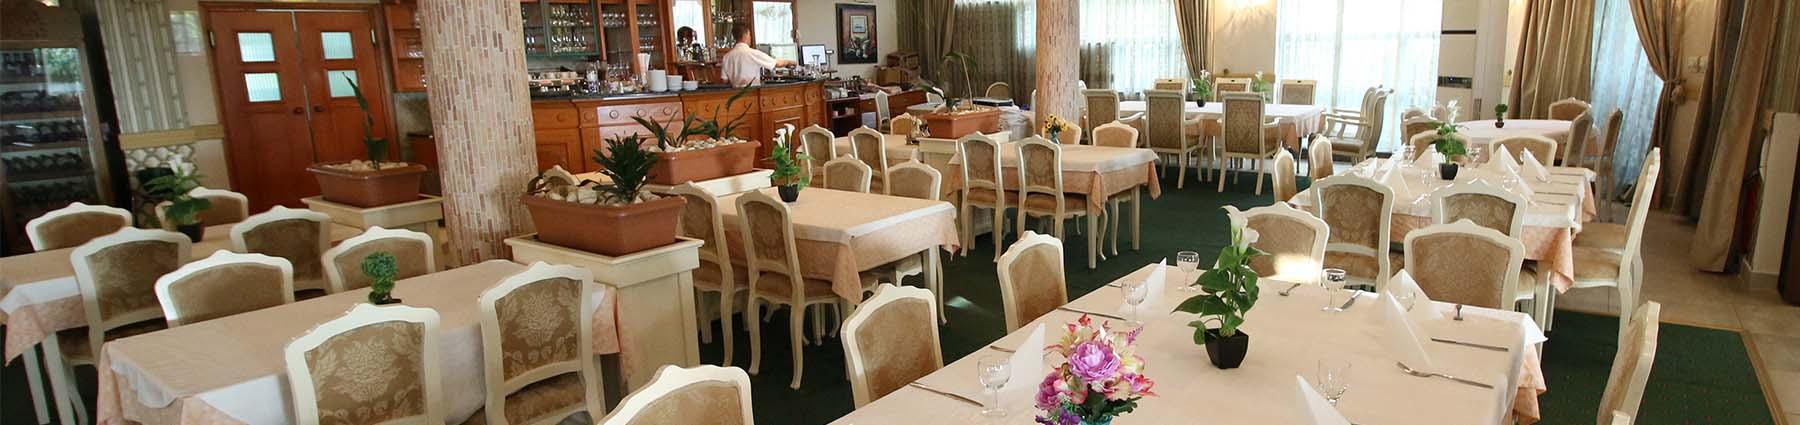 Restaurant Milenium Palace